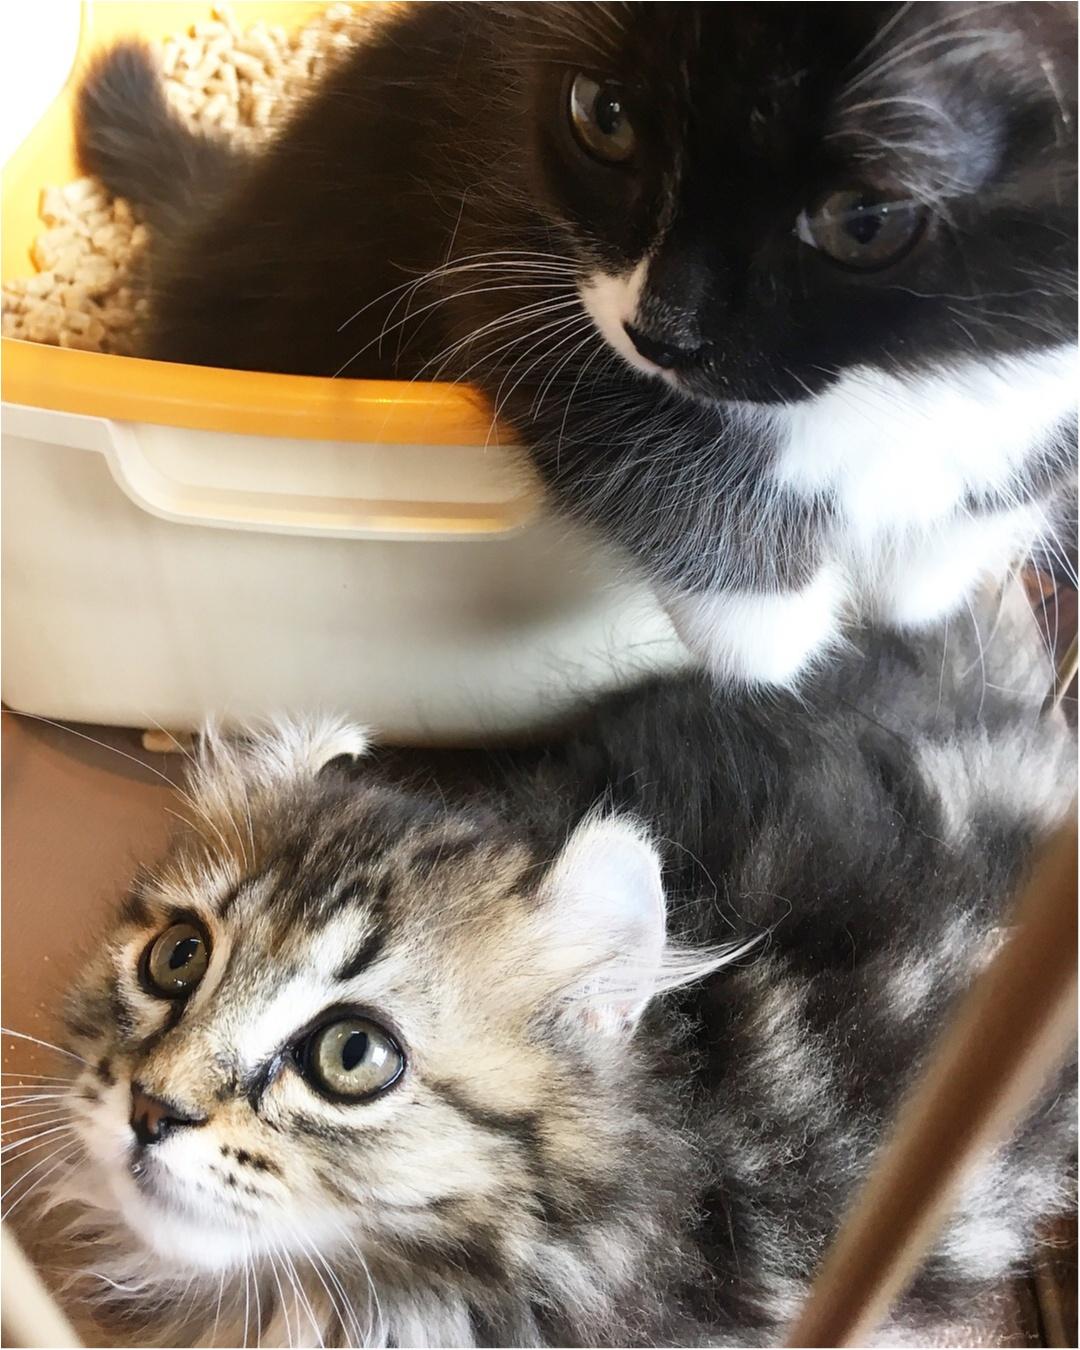 【猫カフェ】渋谷で癒しの猫カフェ♡今ならカワイイ子猫にも会えちゃう♪_1